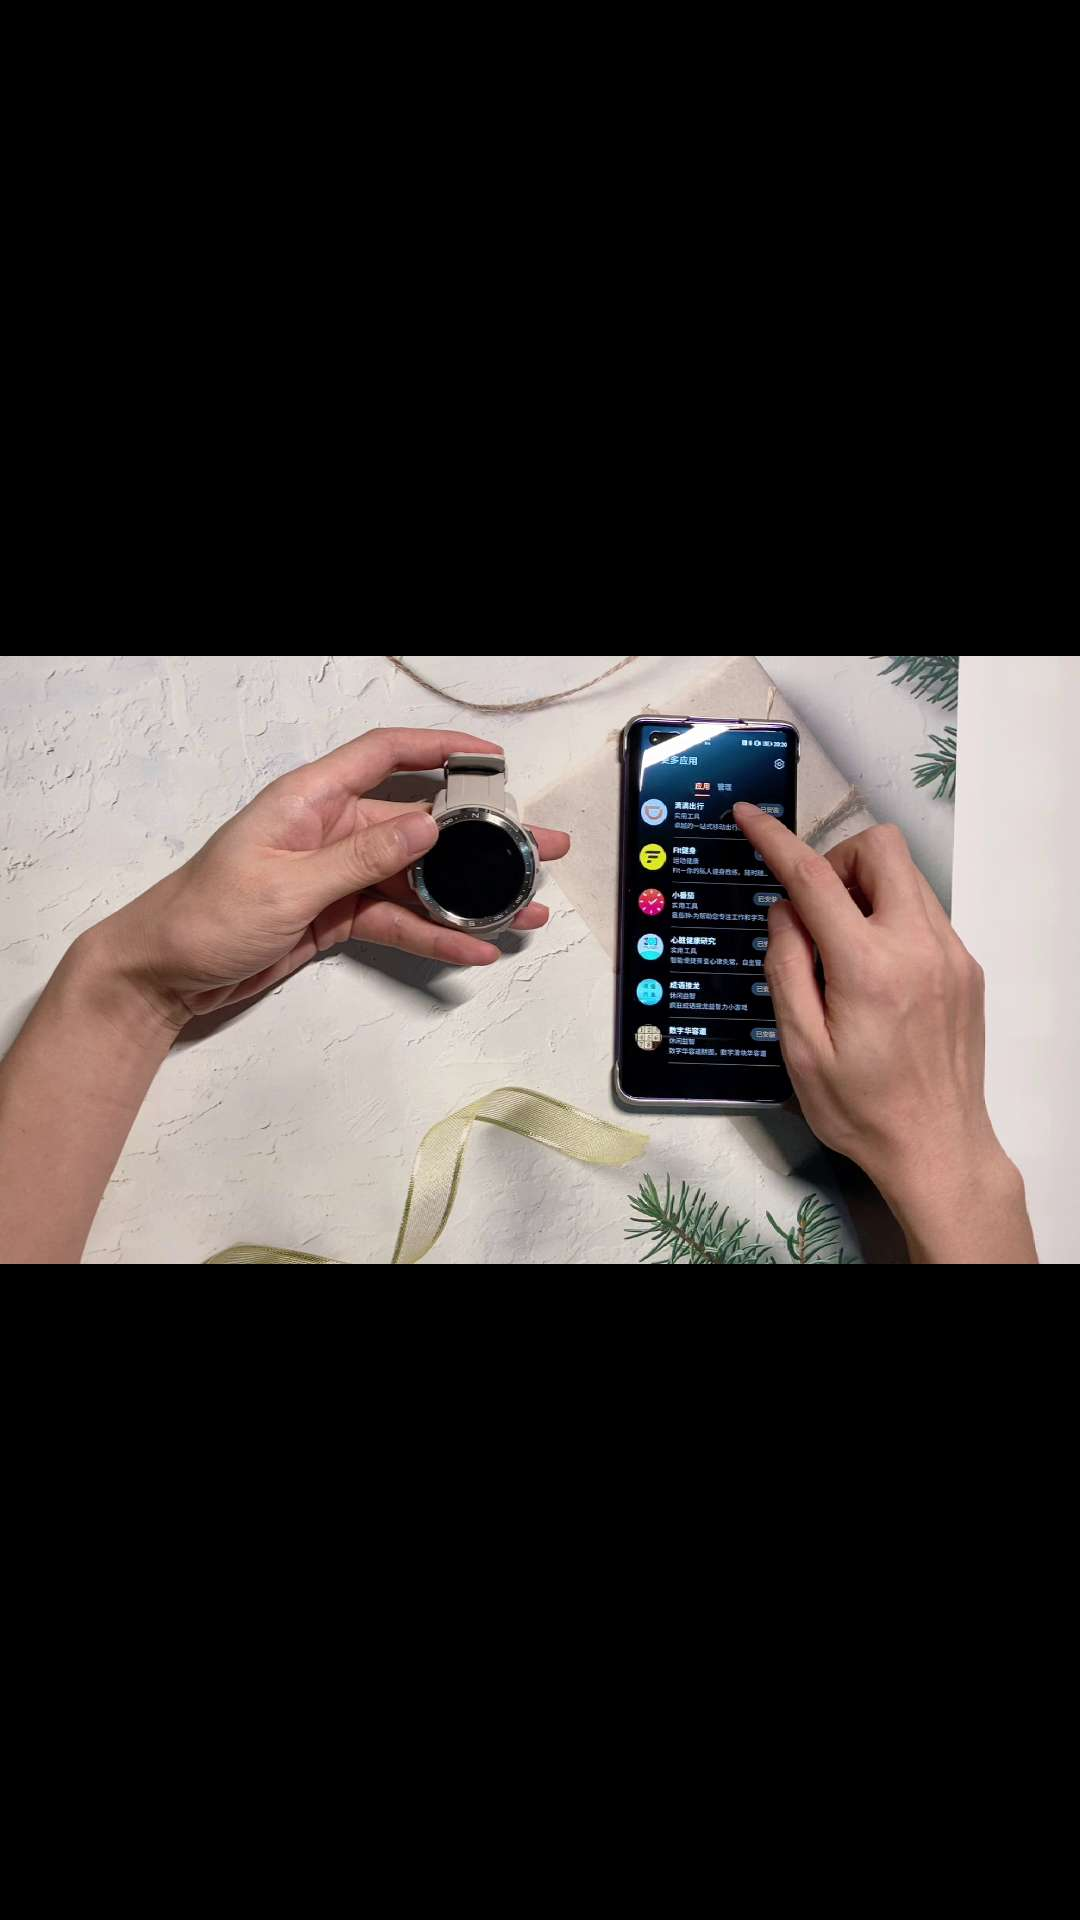 荣耀GS Pro 终于可以安装应用了—鸿蒙系统的前兆?,荣耀手表 GS Pro-花粉俱乐部